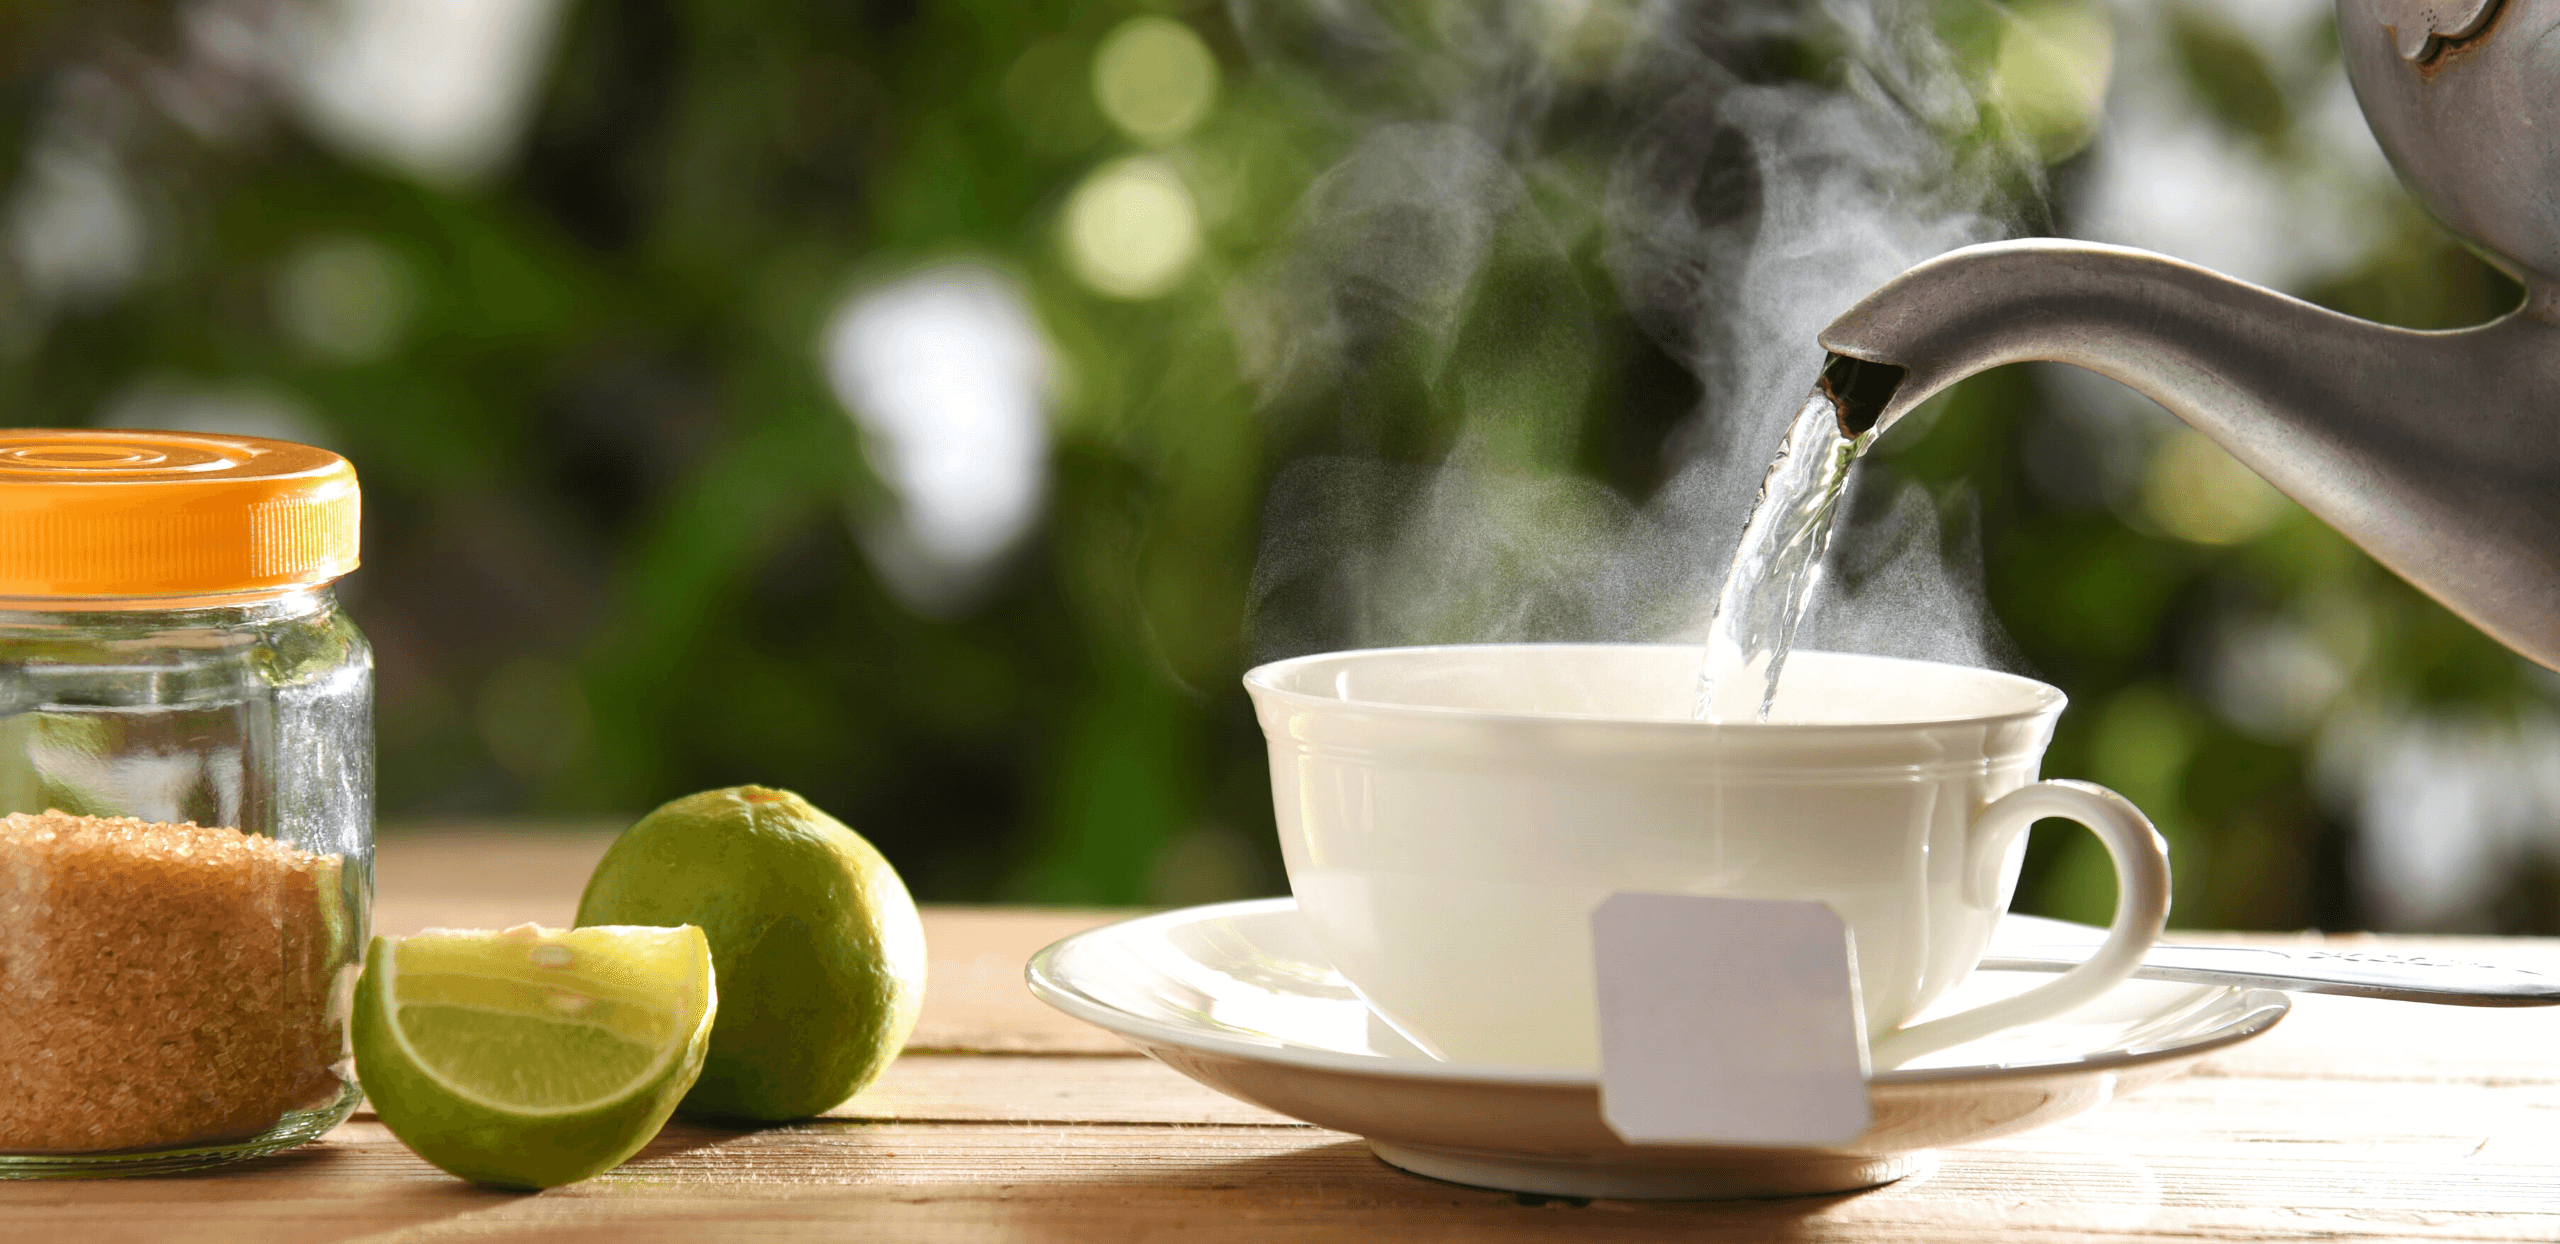 【ニキビの生活習慣】白湯を飲む習慣